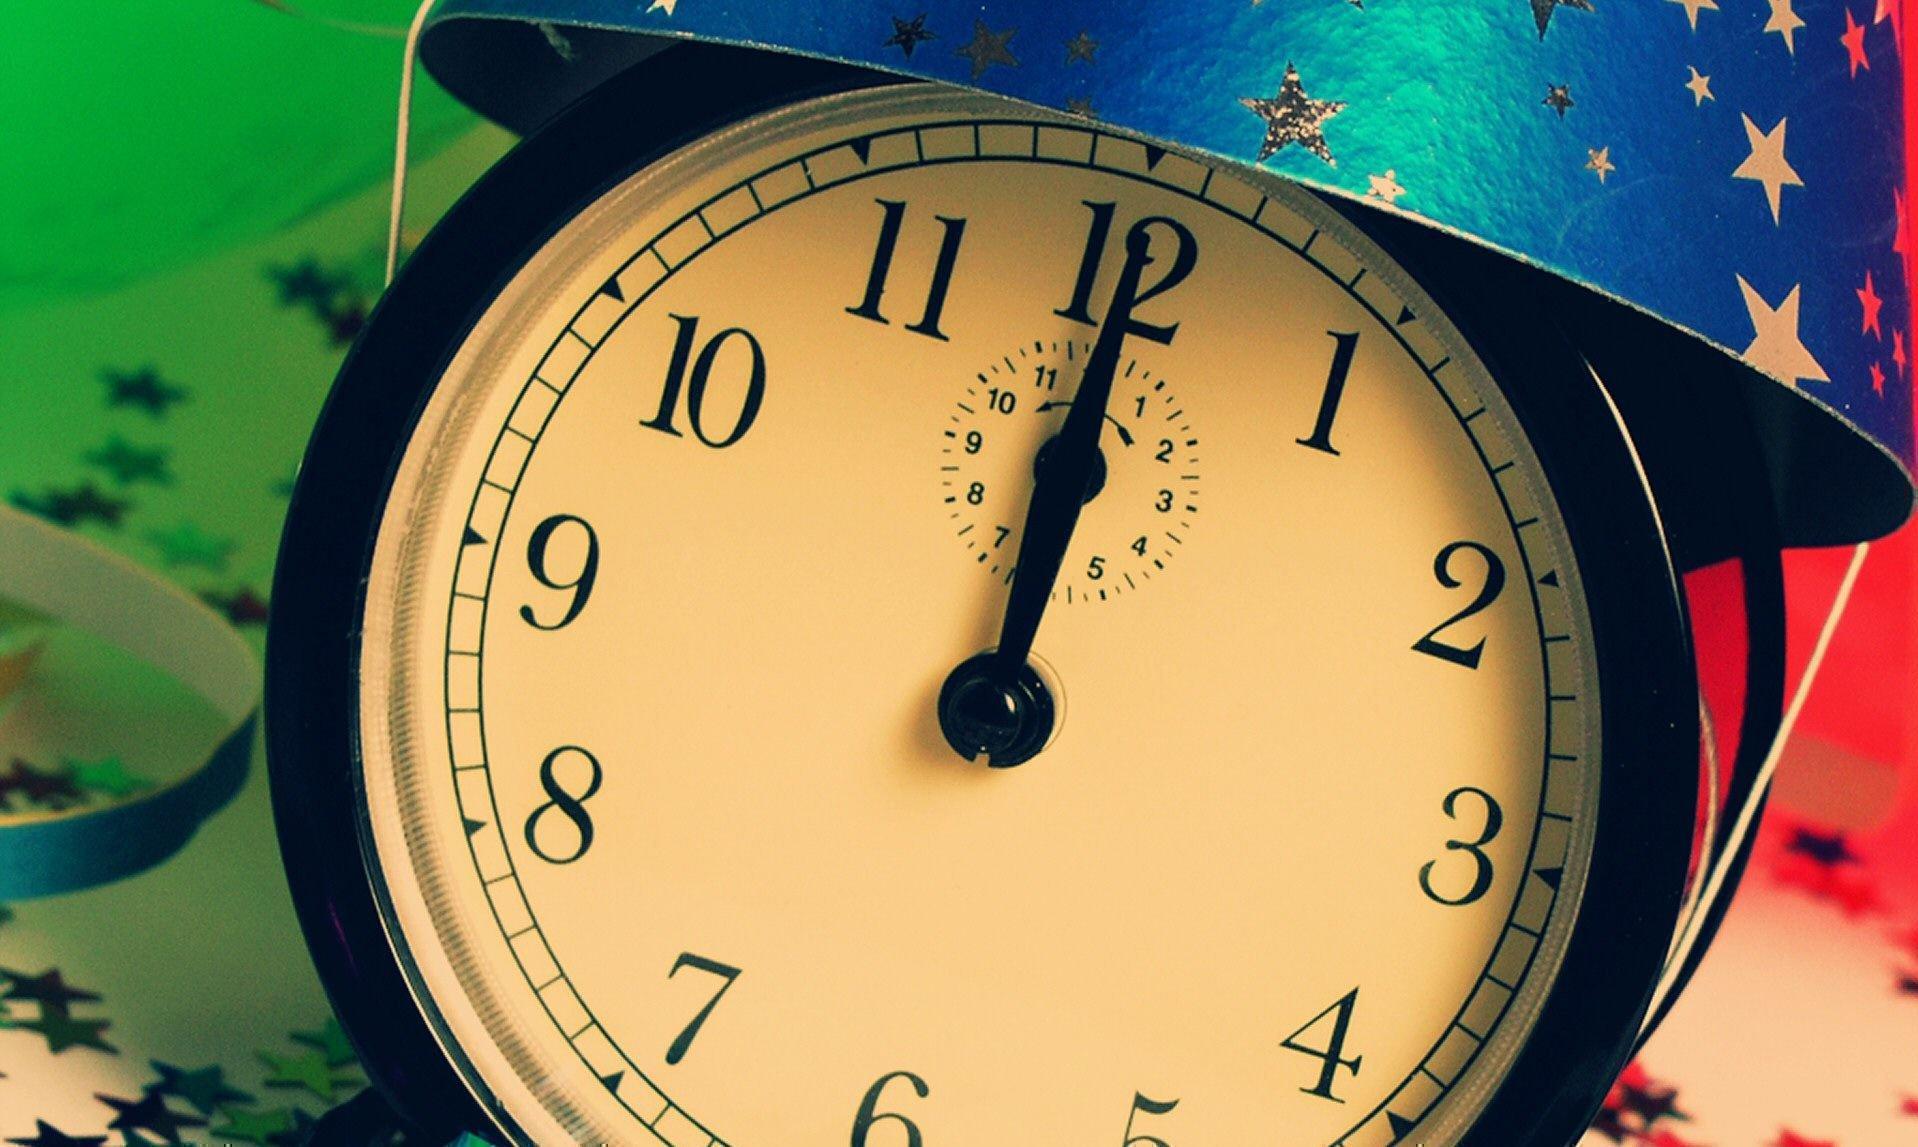 Часы, показывающие 12 часов дня